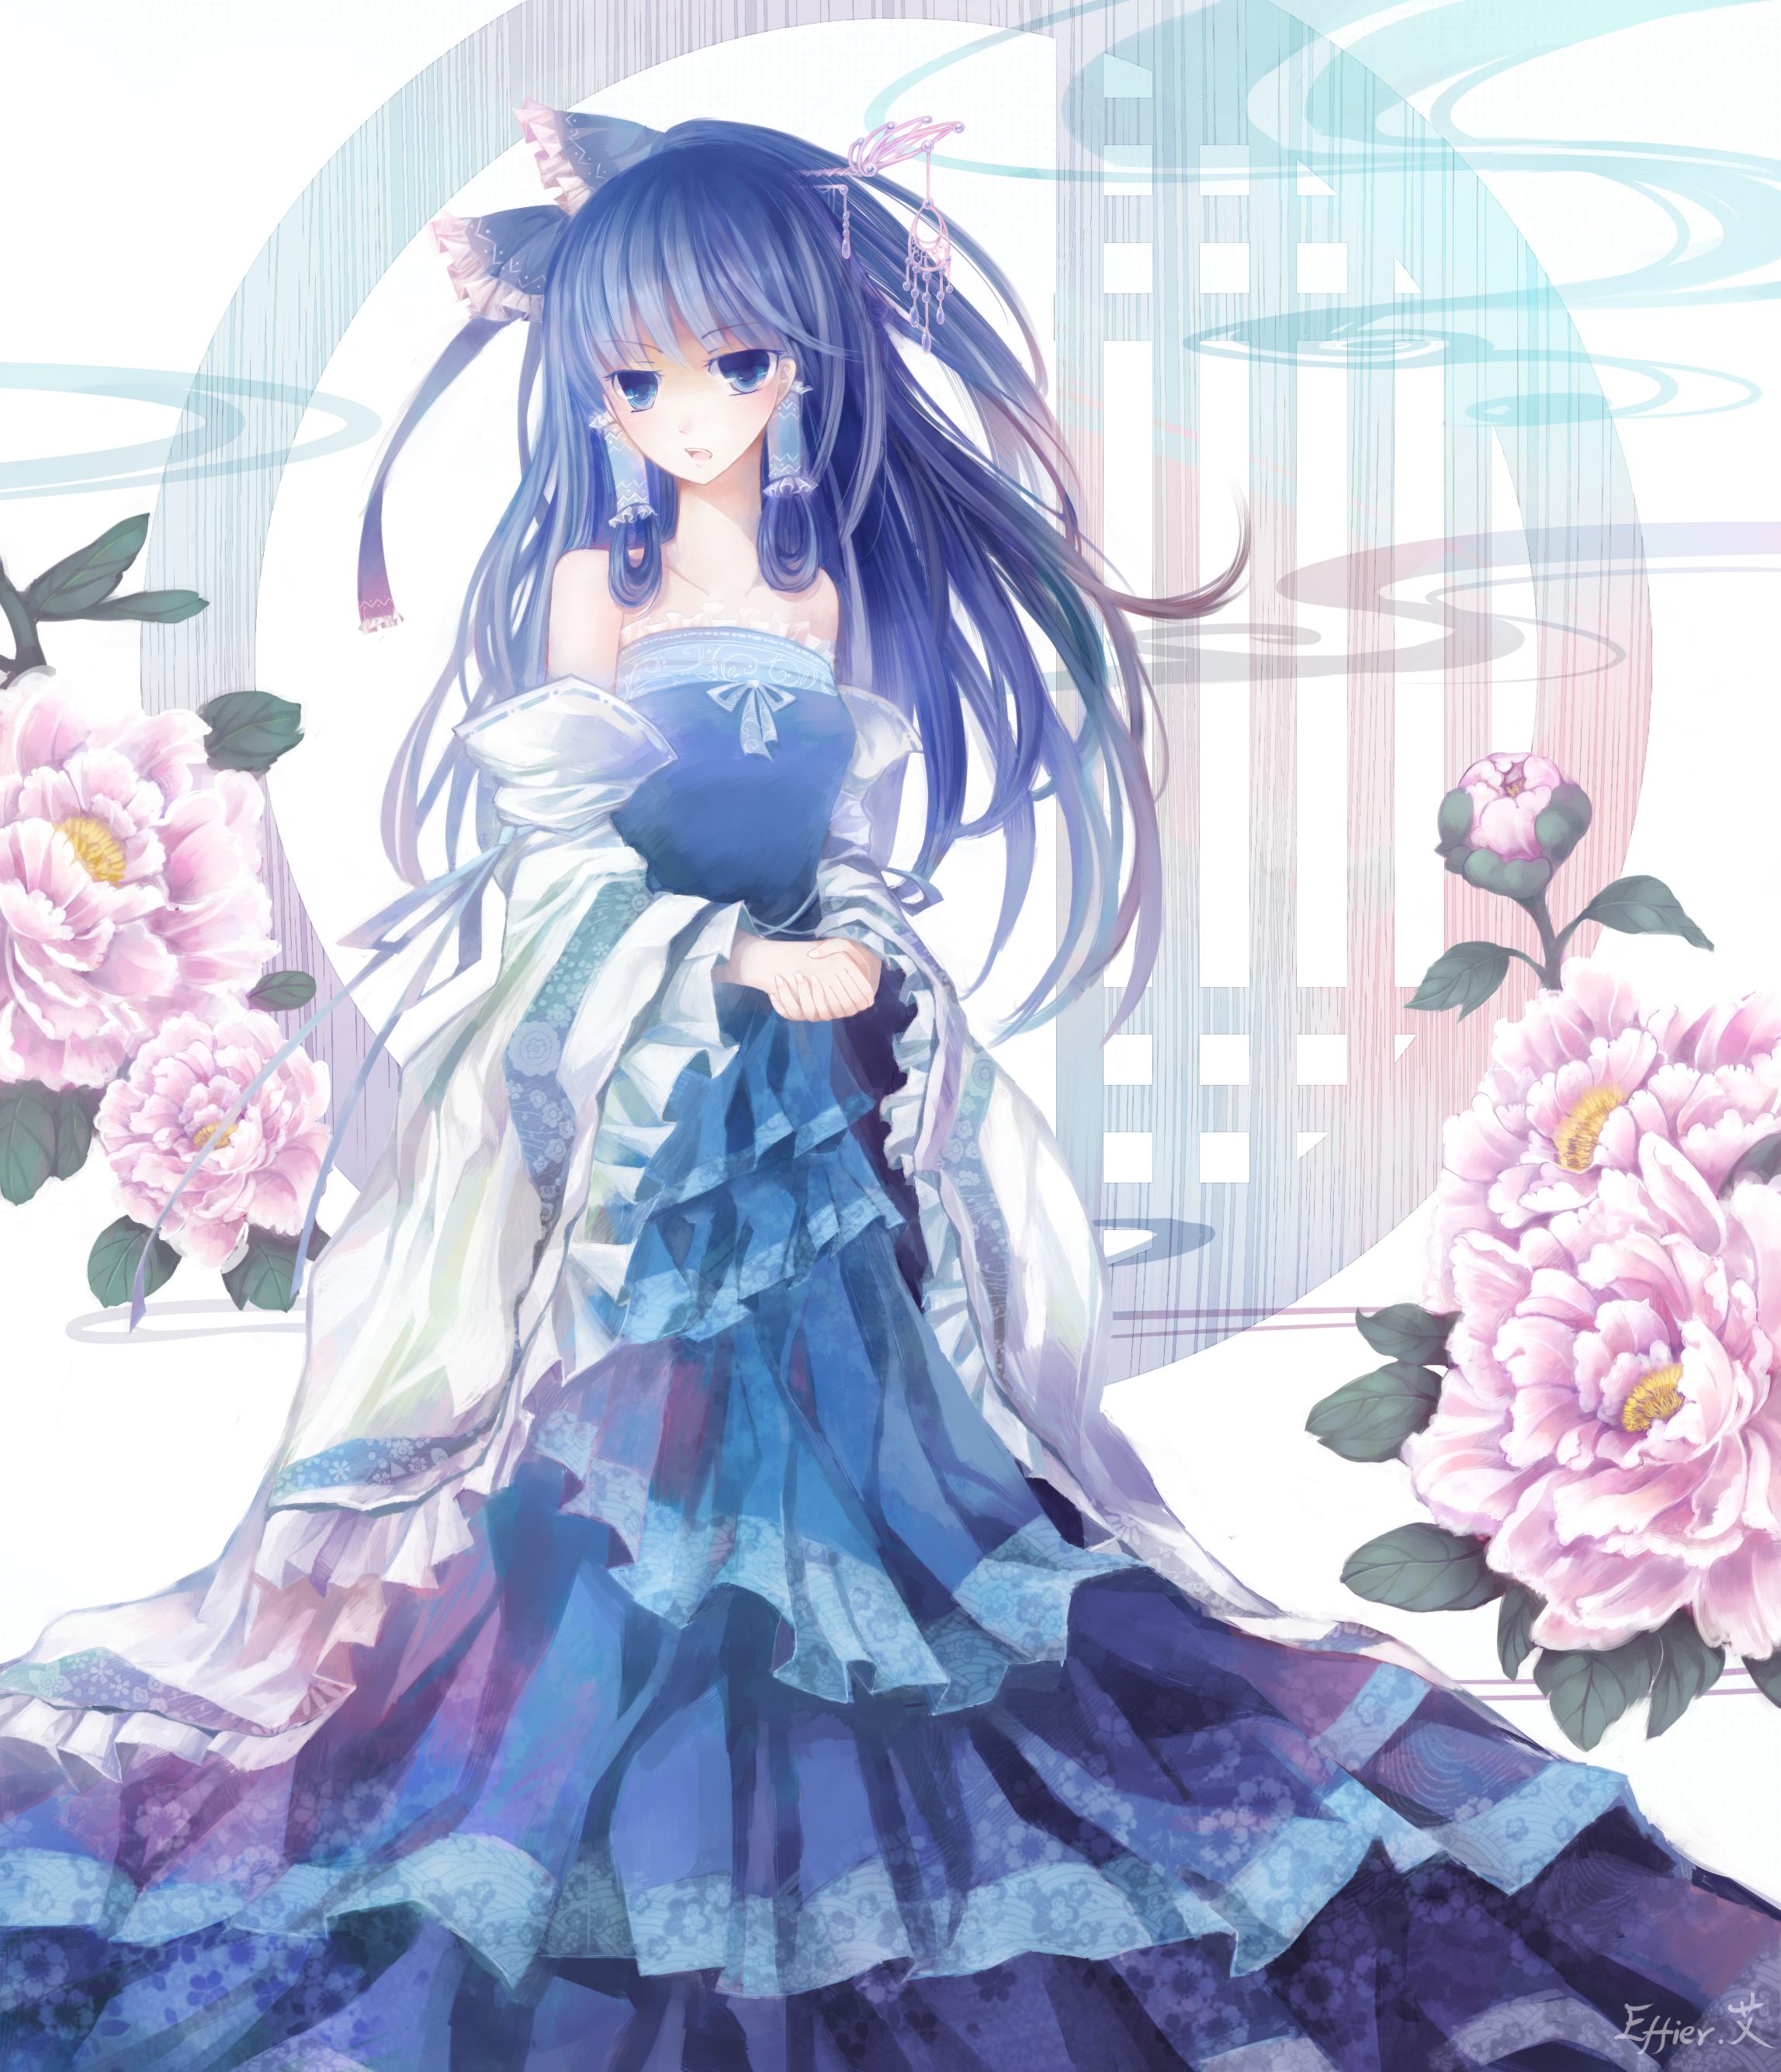 Картинки аниме девушек на аву в платье